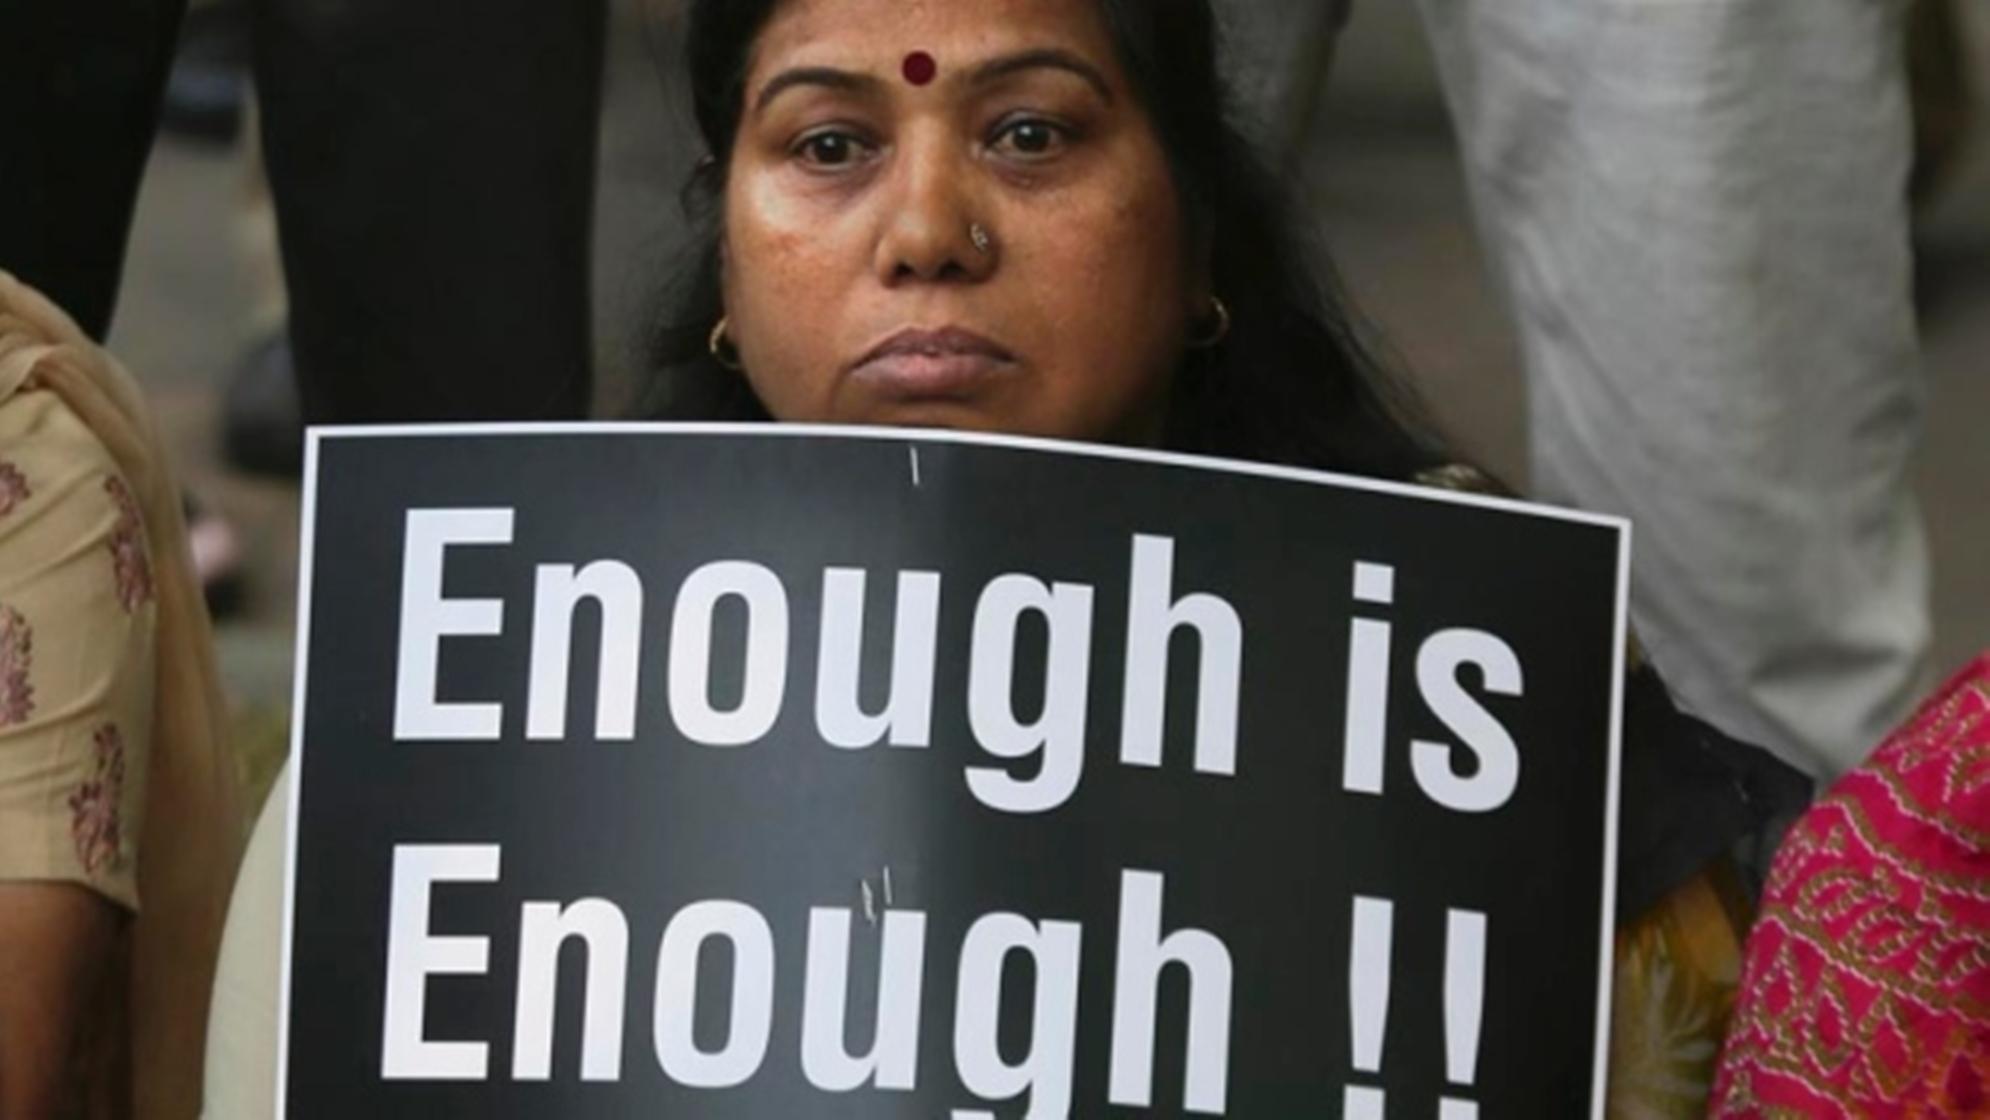 هندية تنتقم من مغتصبها .. بإخصائه .. وينتحر قبل اسعافه